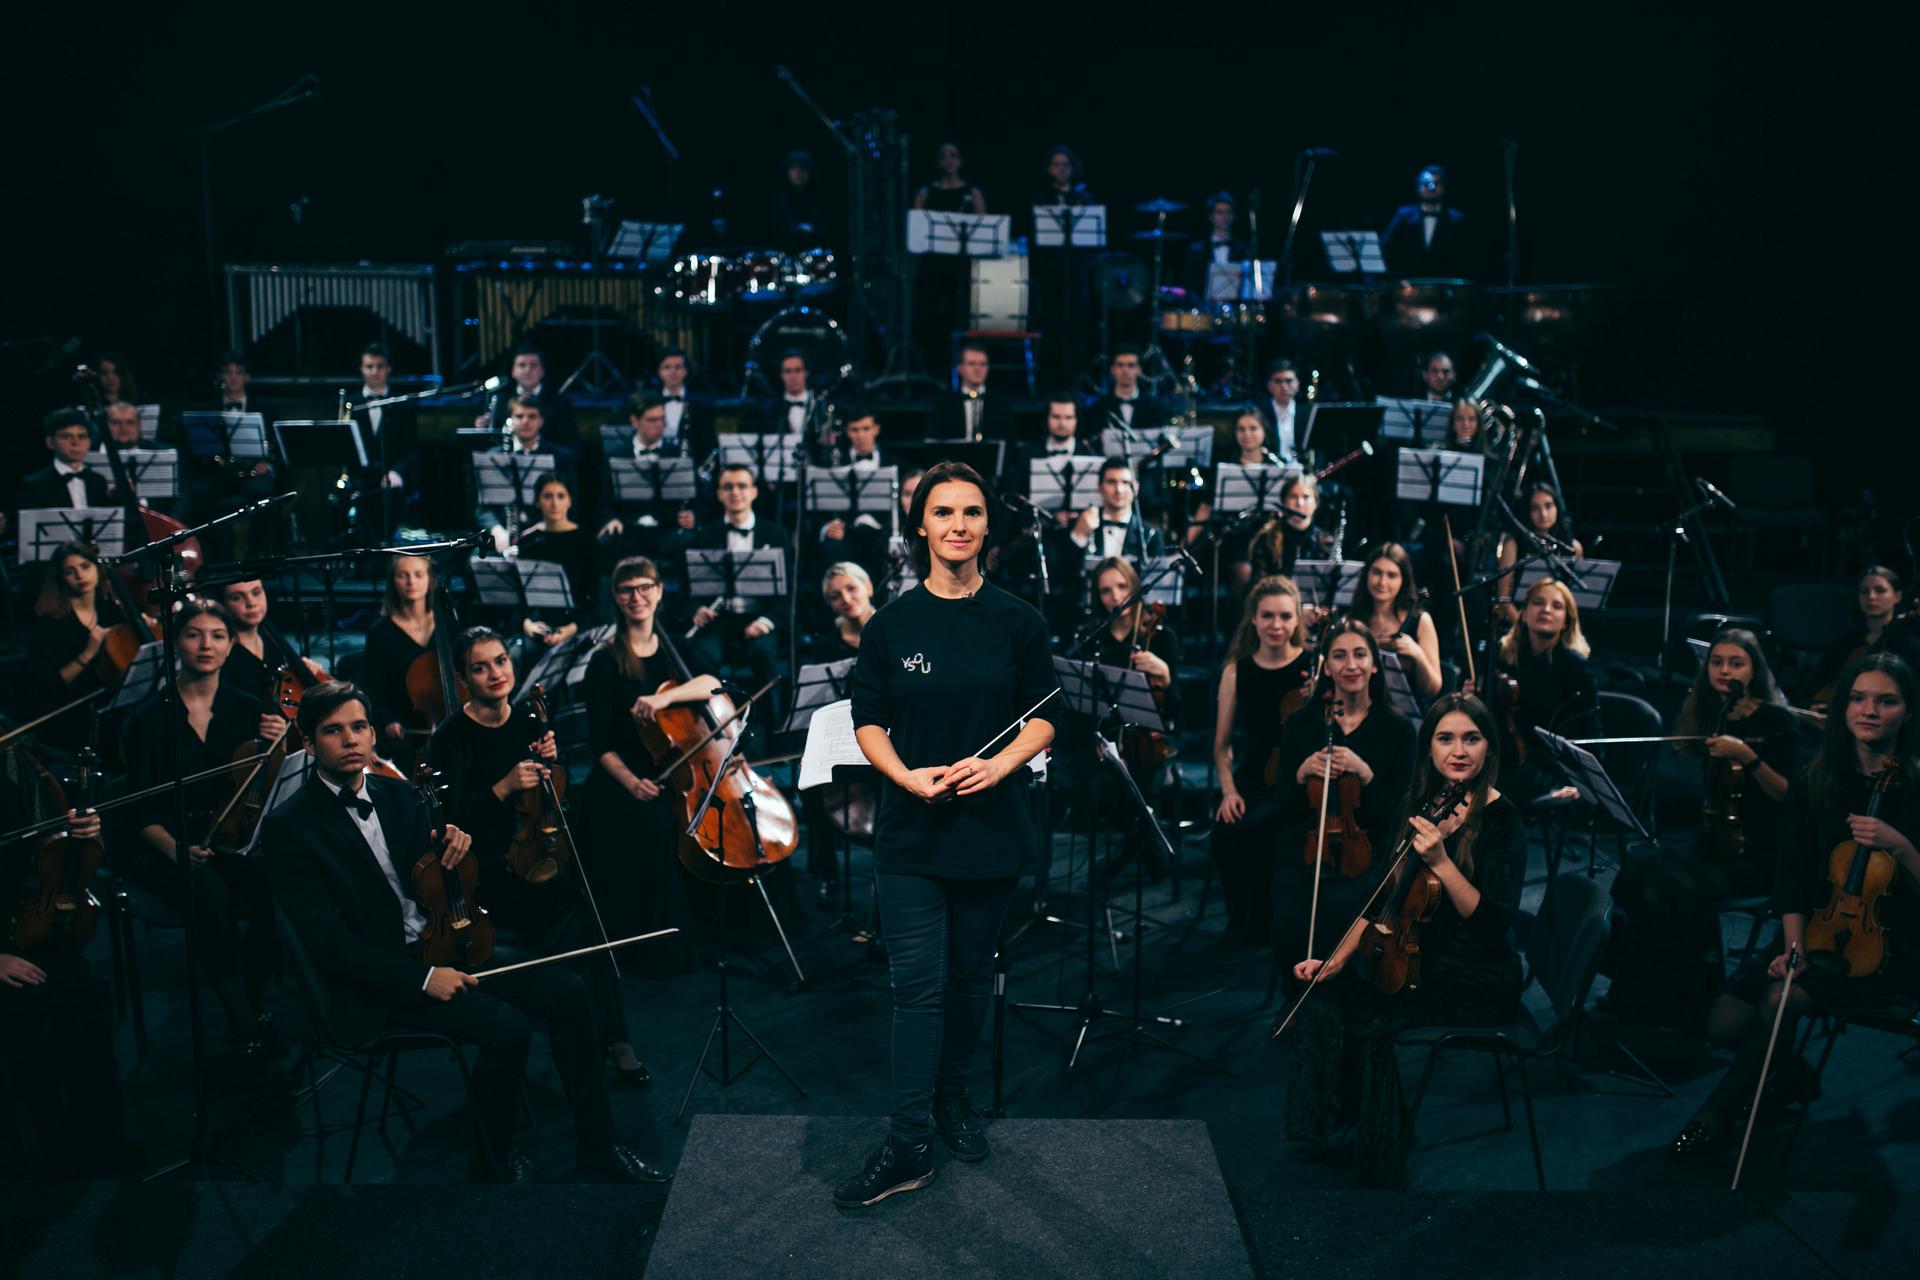 Оксана Линів стане першою жінкою-диригенткою за 145 років історії Вагнерівського фестивалю-Фото 4